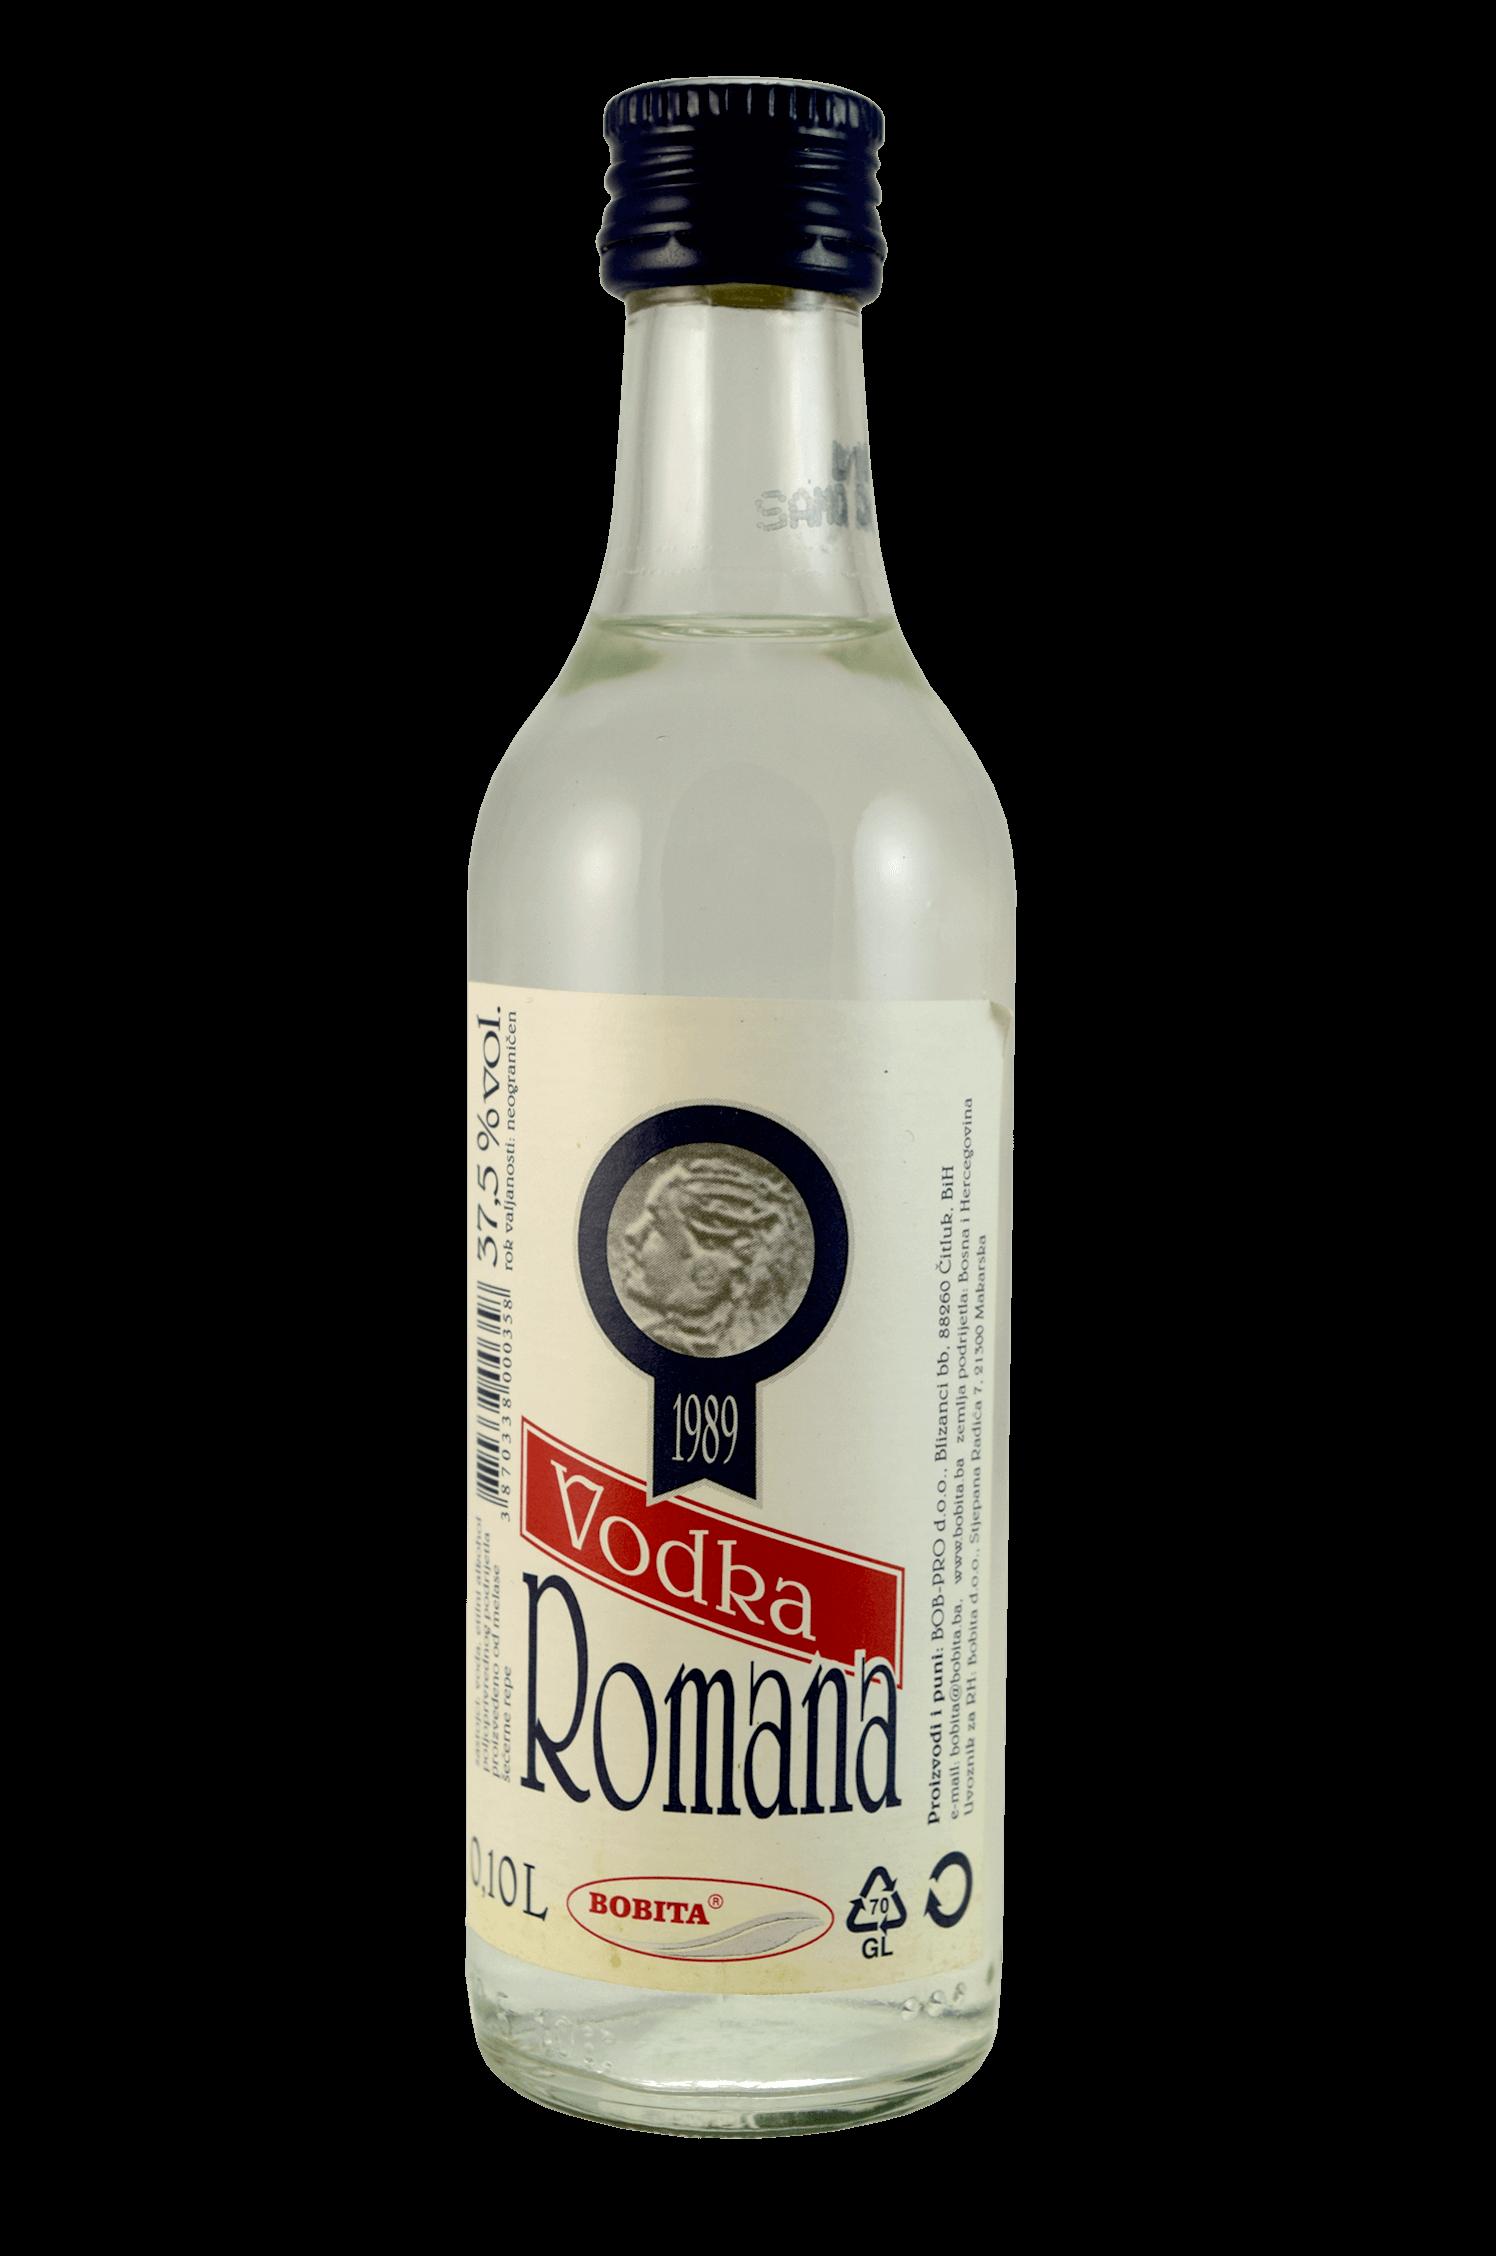 Vodka Romana